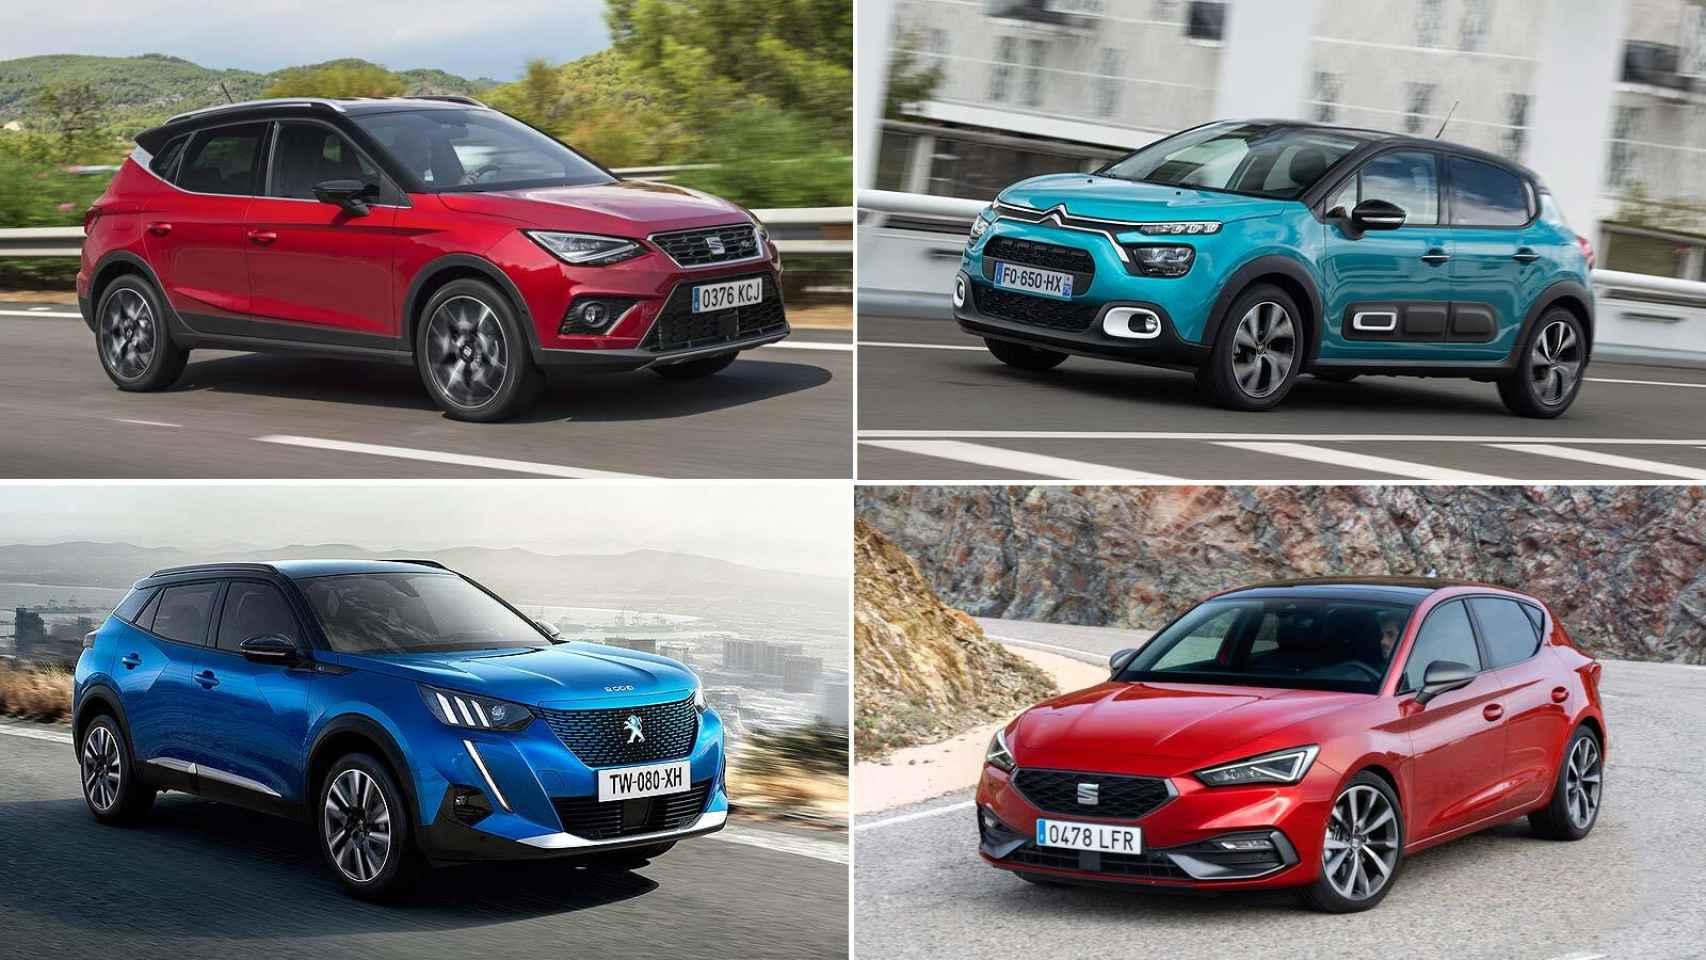 Estos son los coches con más ventas en España en lo que llevamos de 2021